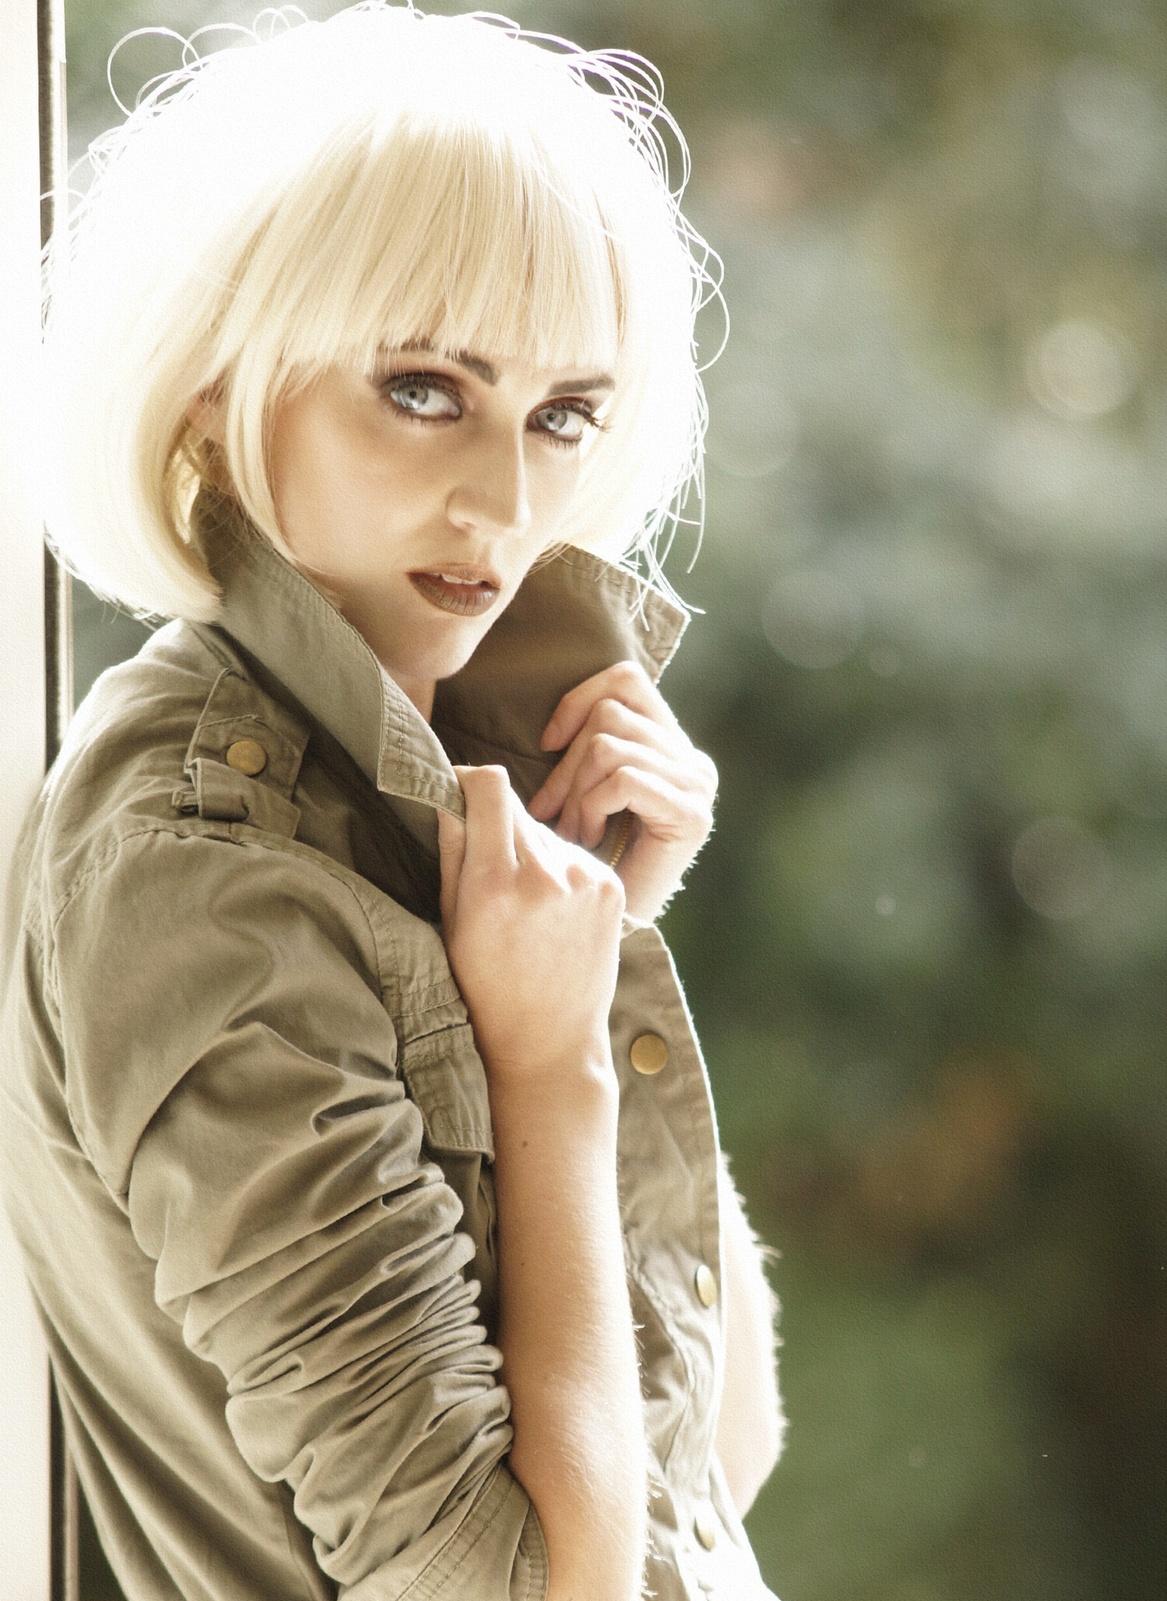 Shine-Female-Model-Rebecca-Dancer-Actor-Londfon-005-jpg.jpg#asset:47901